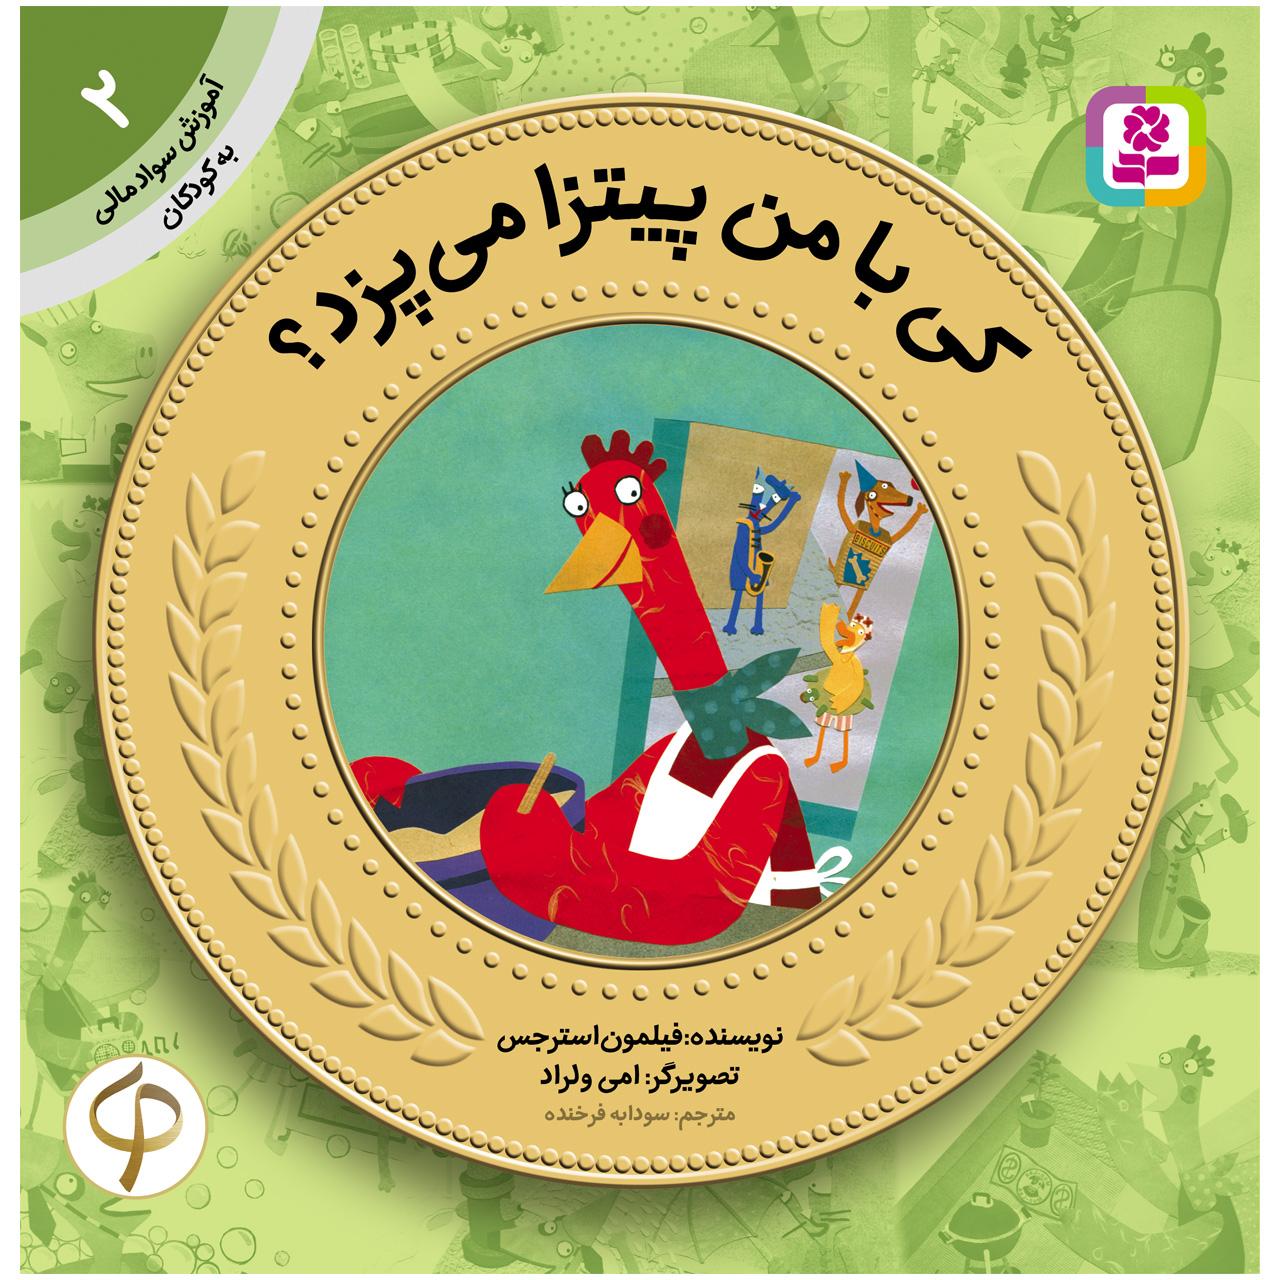 خرید                      کتاب آموزش سواد مالی به کودکان 2 کی با من پیتزا می پزد اثر فیلمون استرجس